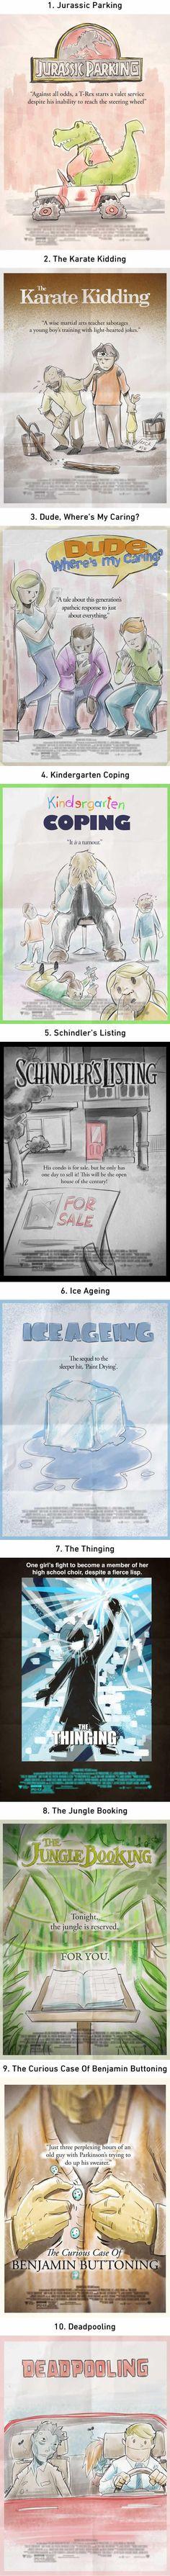 """Adding """"ing"""" to movie titles"""